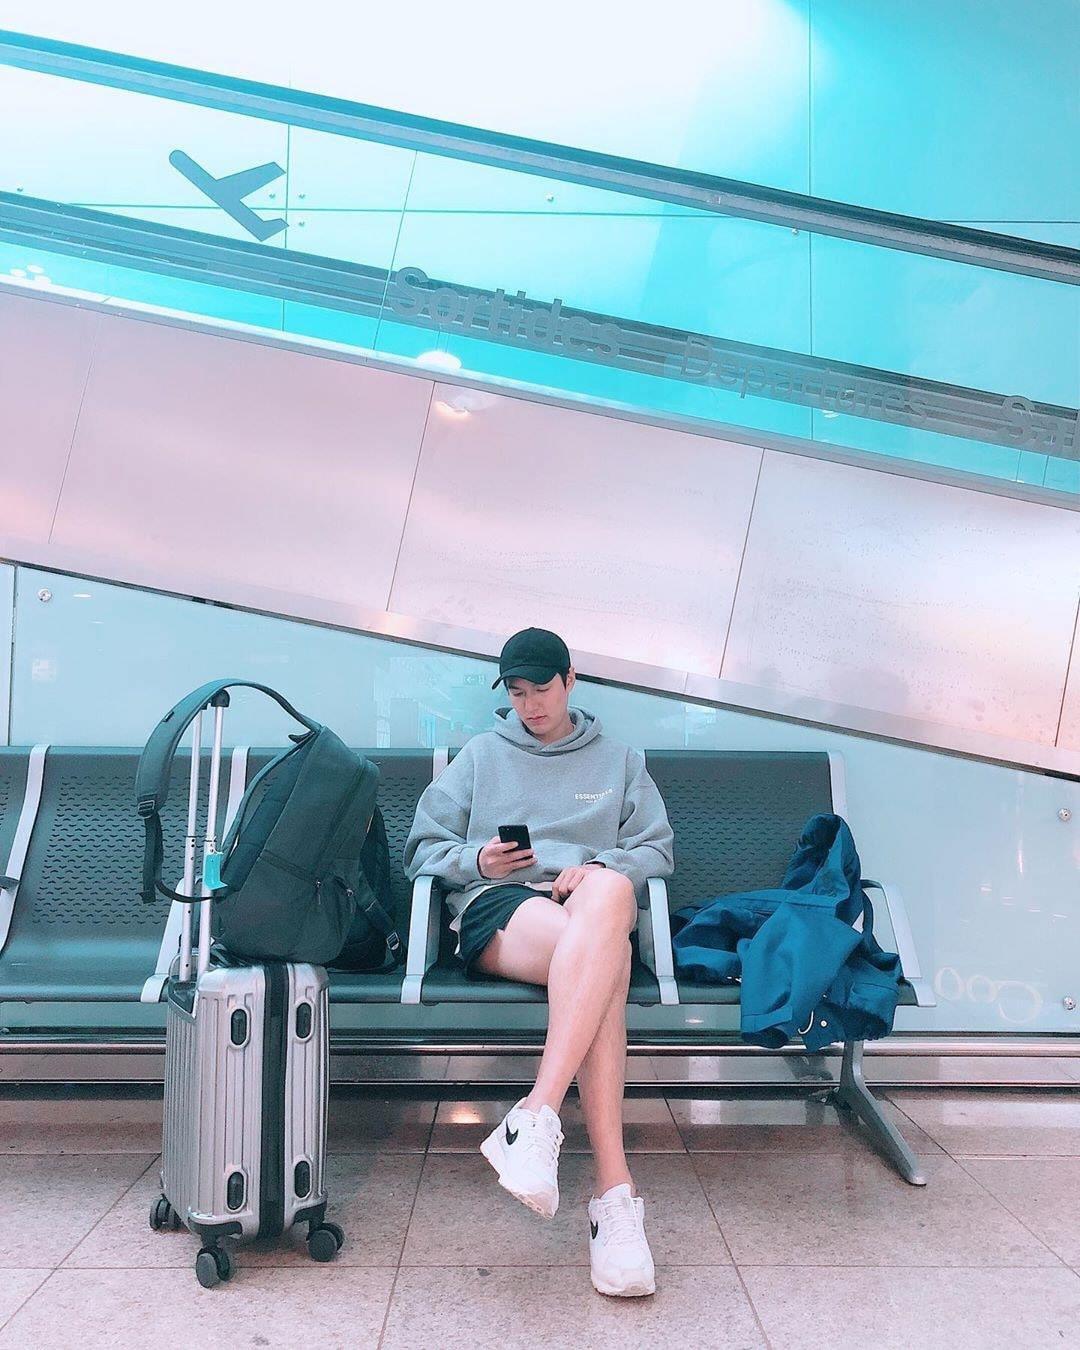 Lee Min Ho đẹp không chừa phần ai: Chân con trai mà trắng, thon và dài đến nỗi khiến chị em cũng phải ghen tỵ - Ảnh 1.